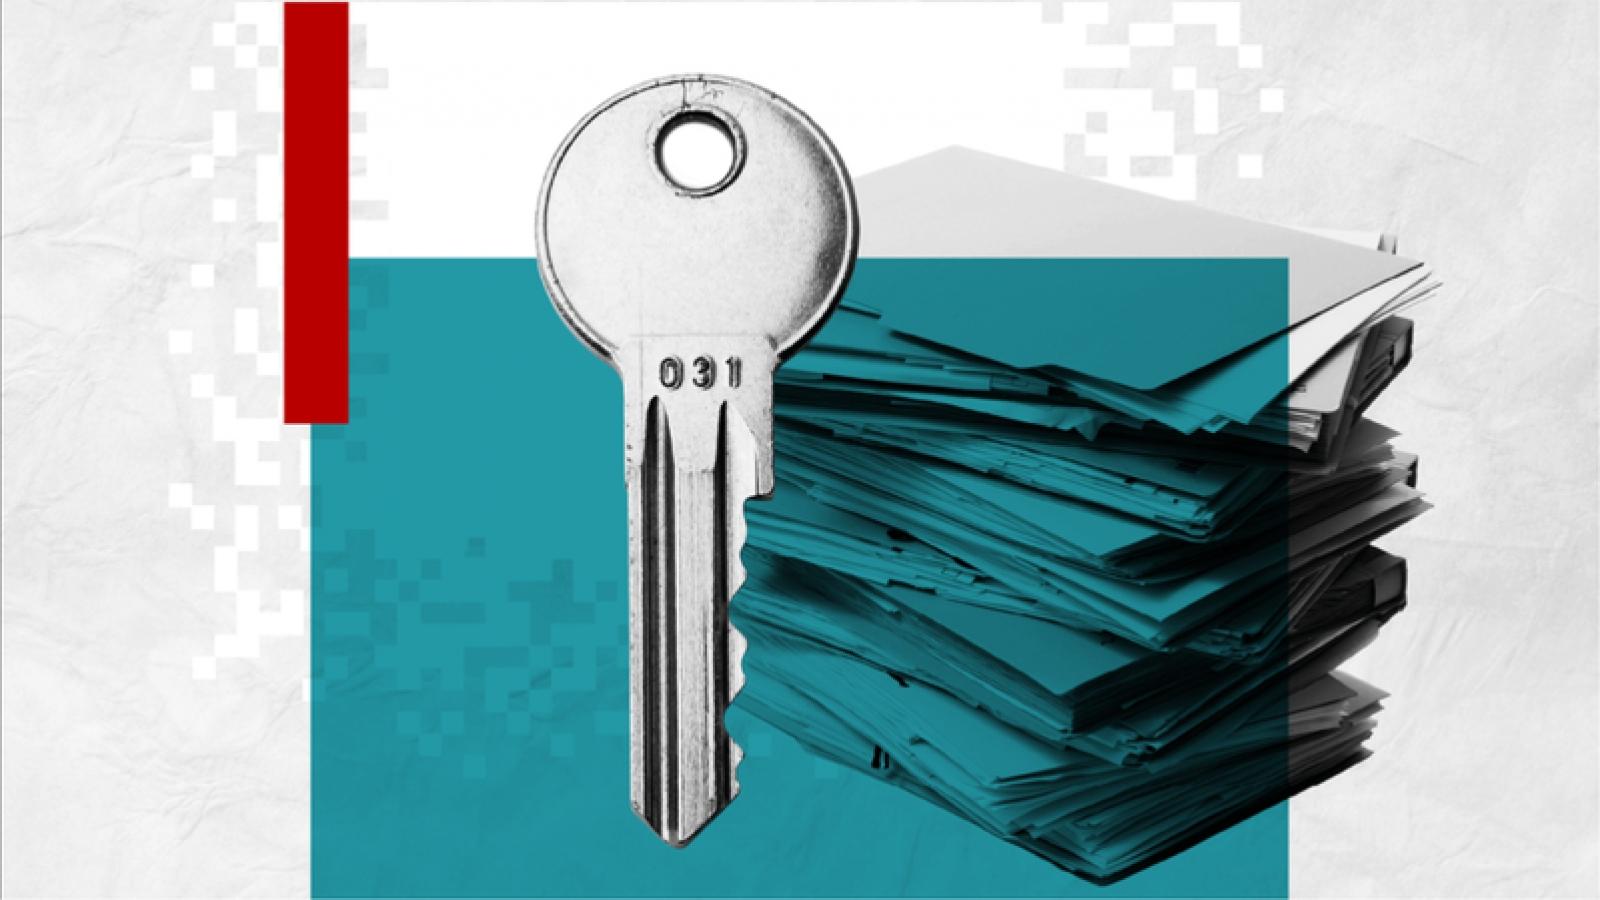 Hồ sơ Pandora và những tiết lộ ít biết về việc che giấu tài sản ở các thiên đường thuế